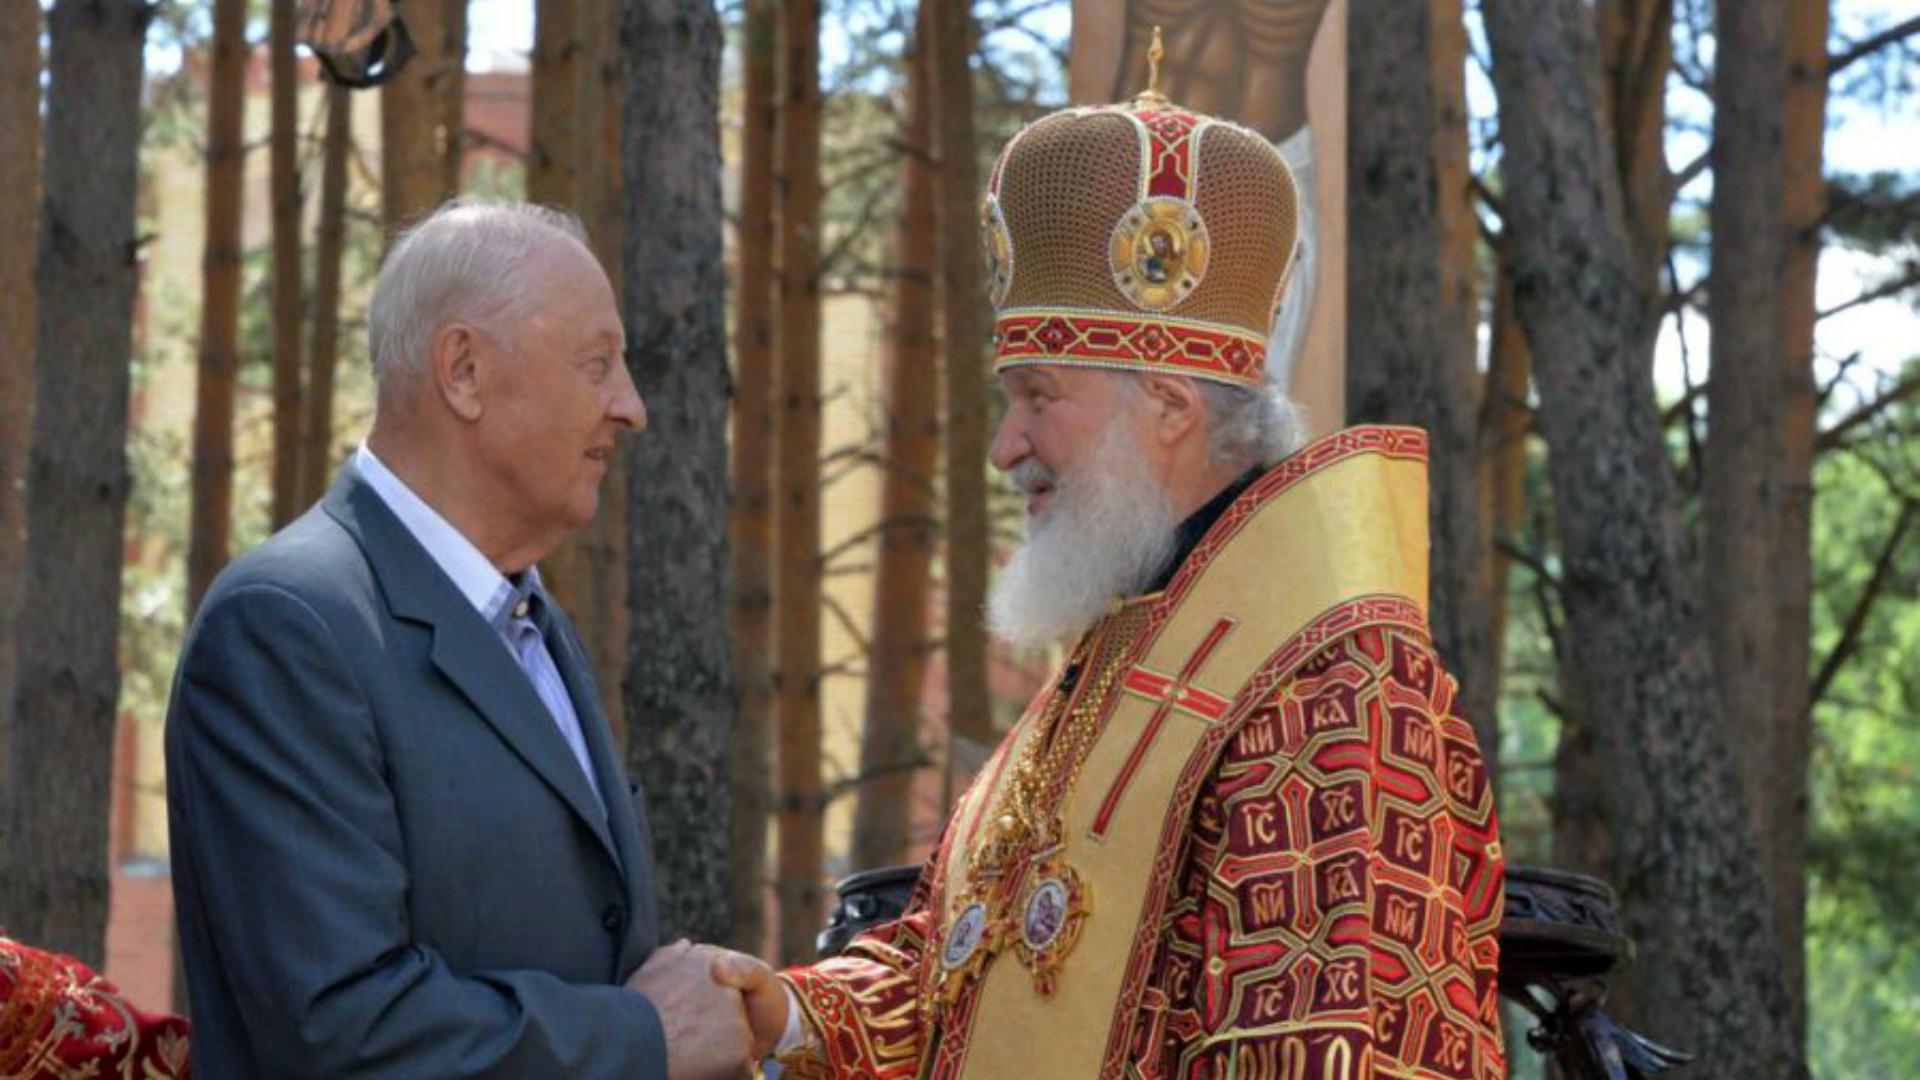 ВАлапаевске патриарх посетил места мученичества родственников последнего императора